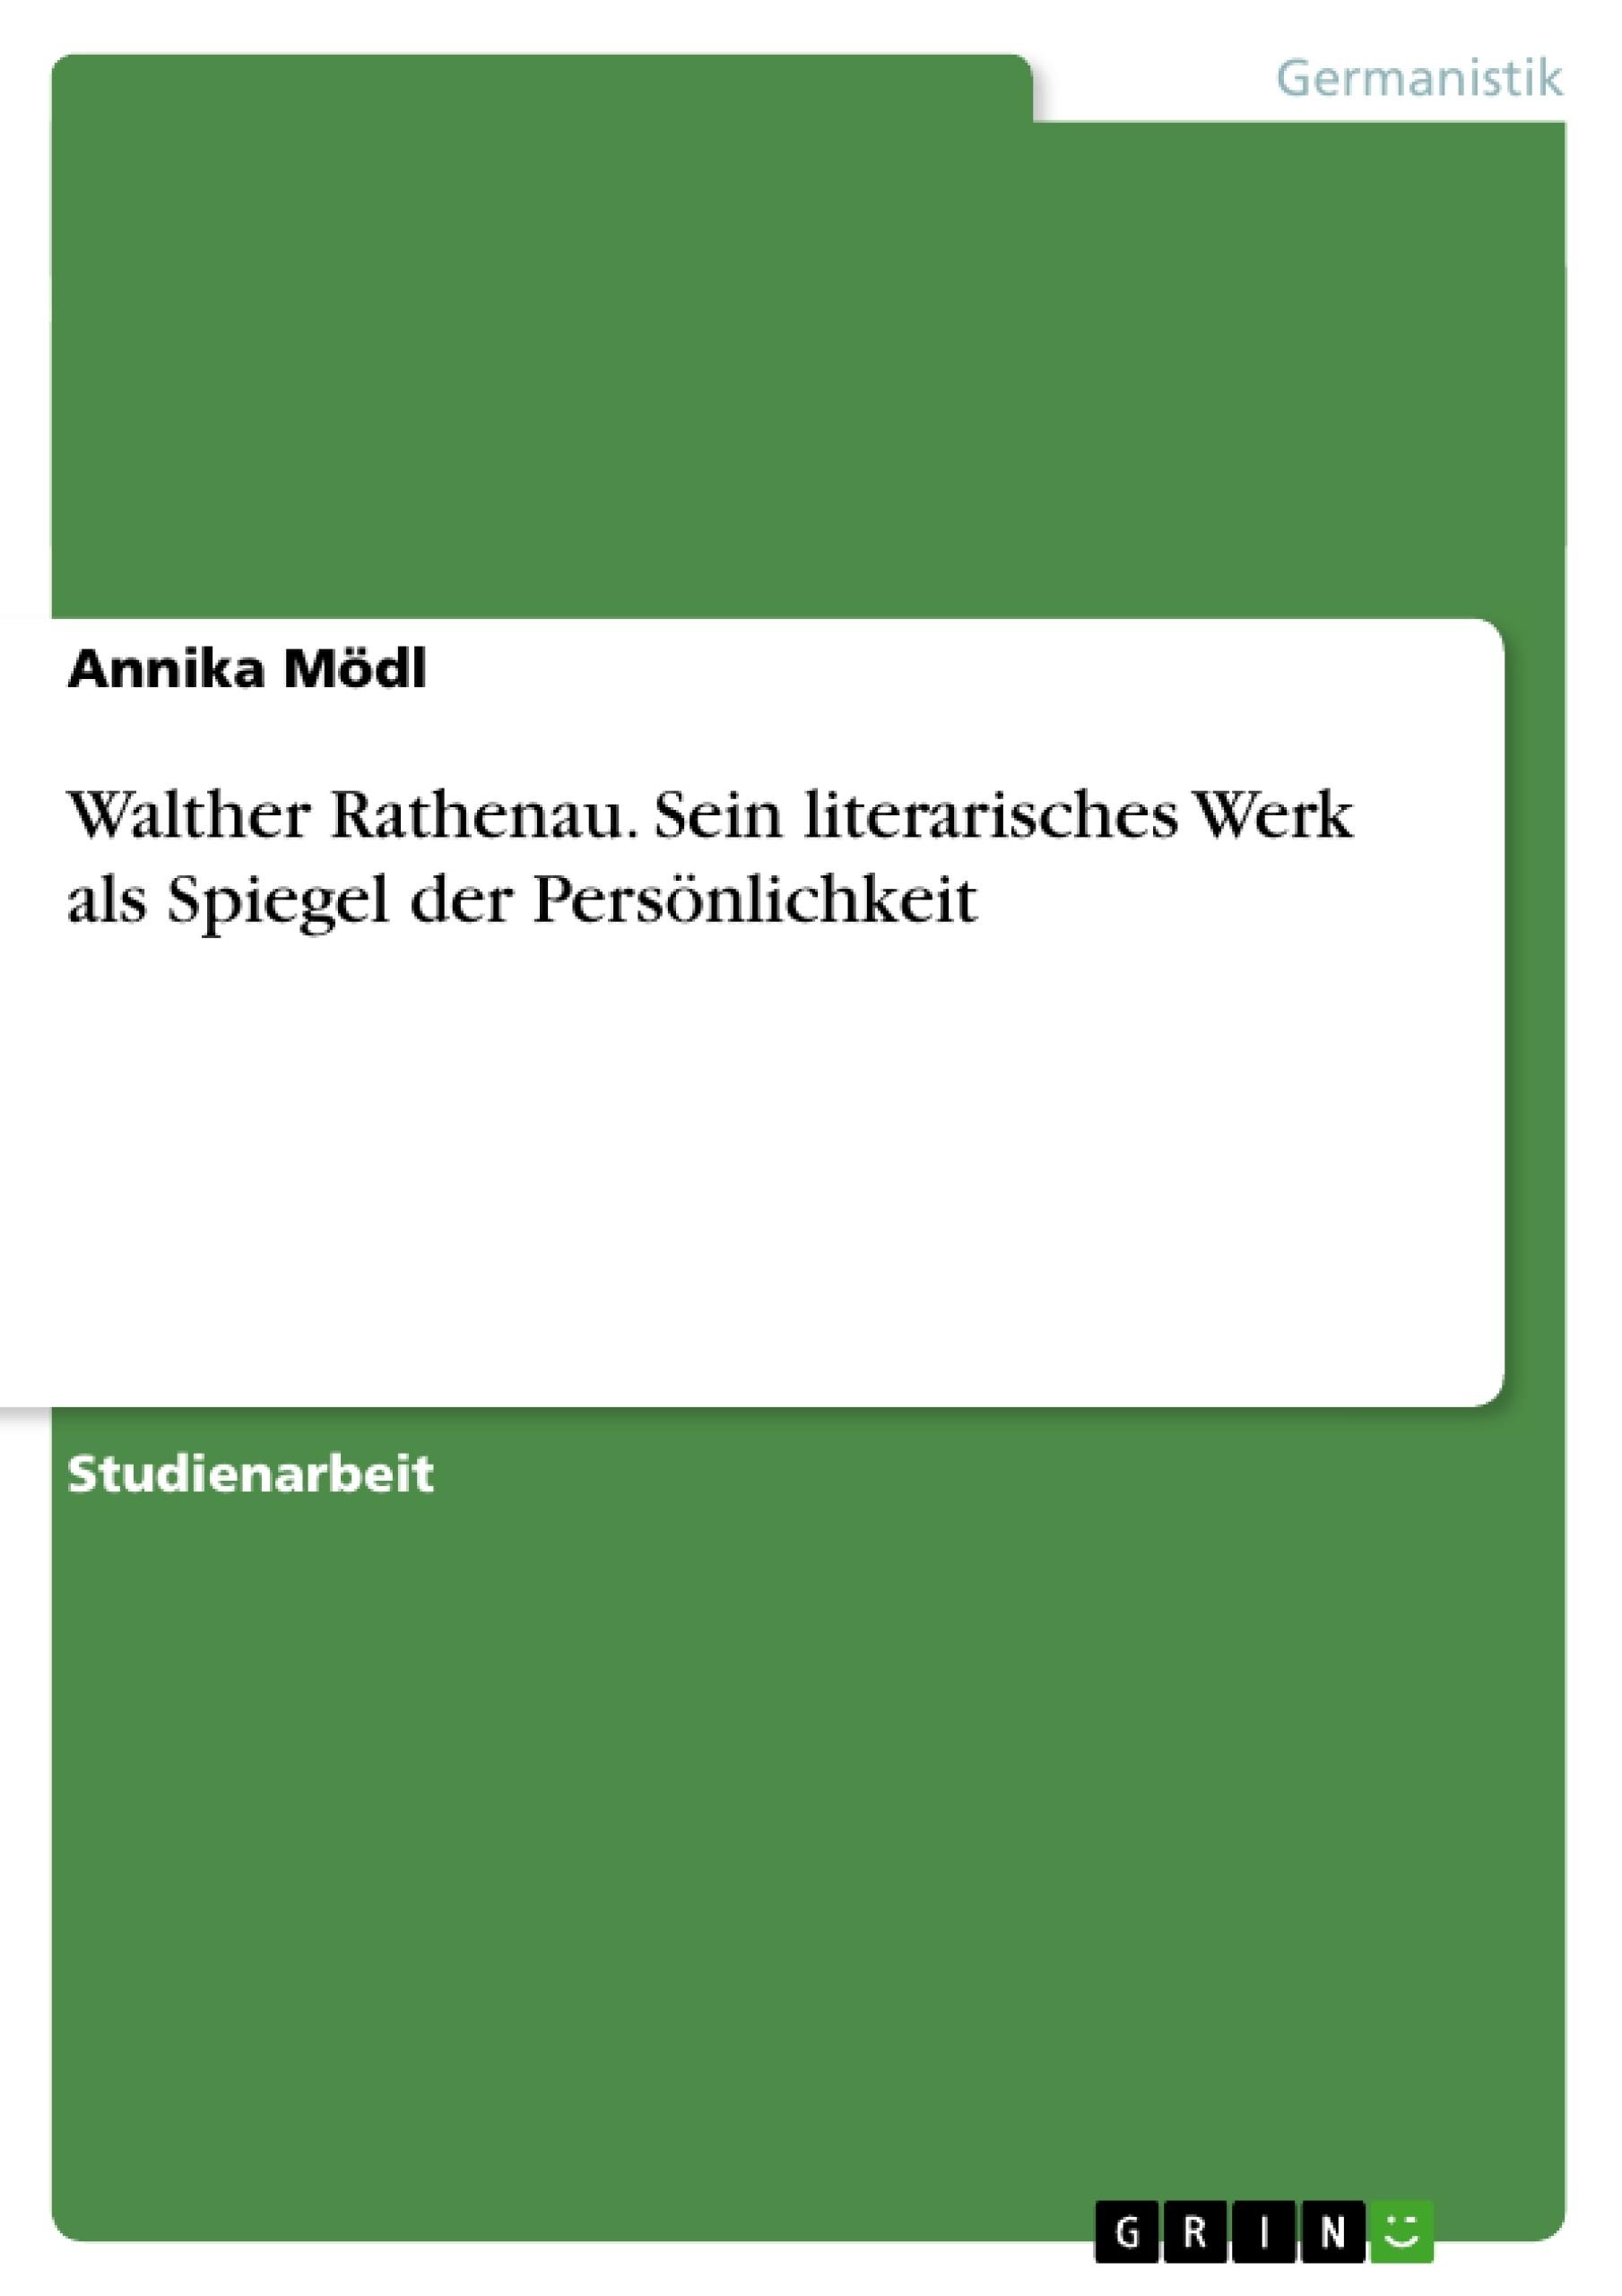 Titel: Walther Rathenau. Sein literarisches Werk als Spiegel der Persönlichkeit